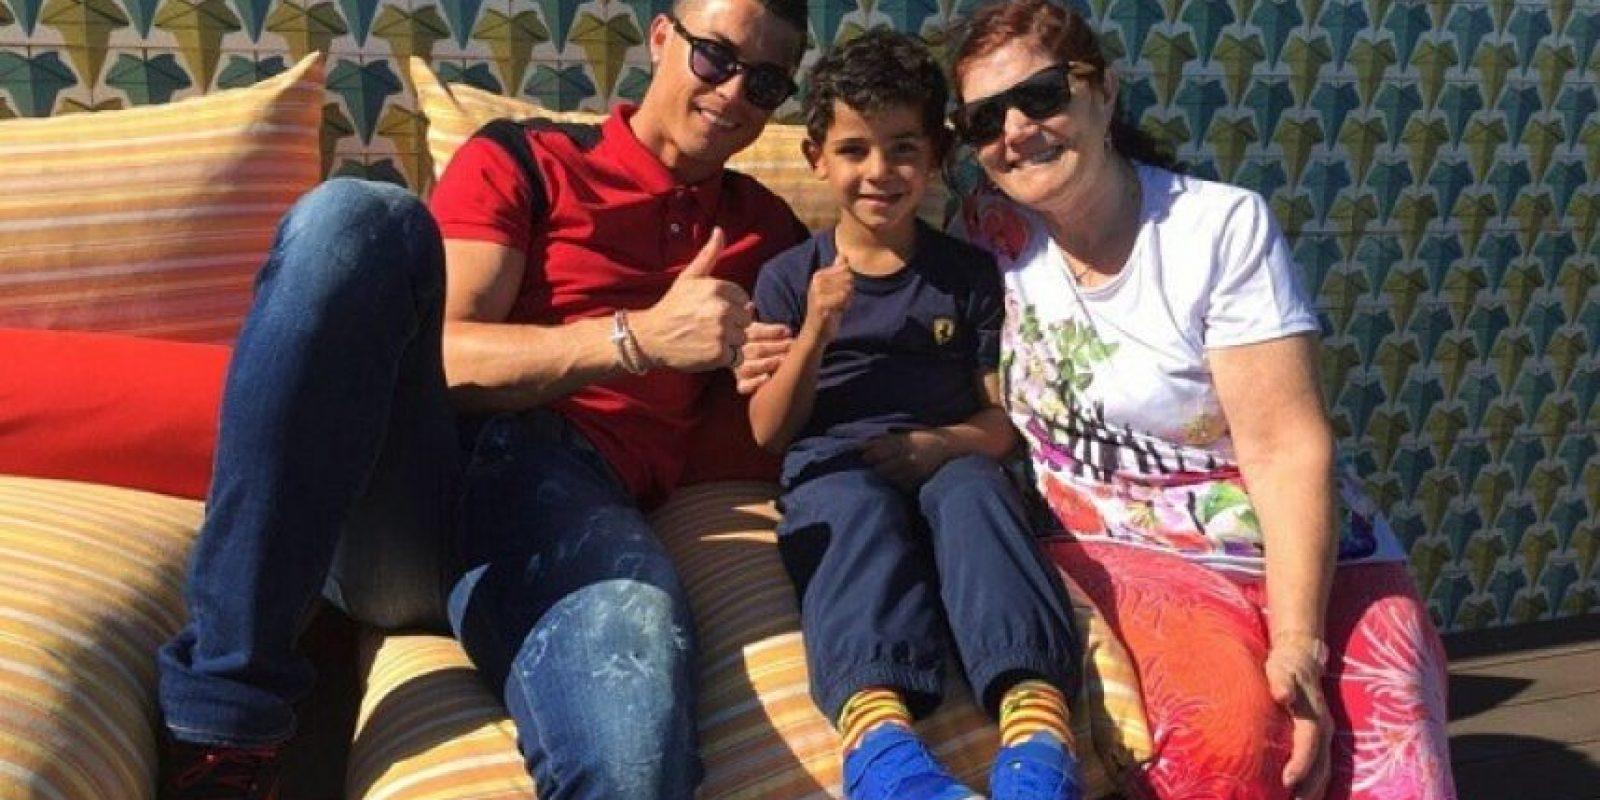 """""""El niño es nuestro. No voy a decir cómo llegó a nostros, pero garantizo que es el hijo de mi hermano"""", agregó en su entrevista. Foto:vía instagram.com/cristiano"""